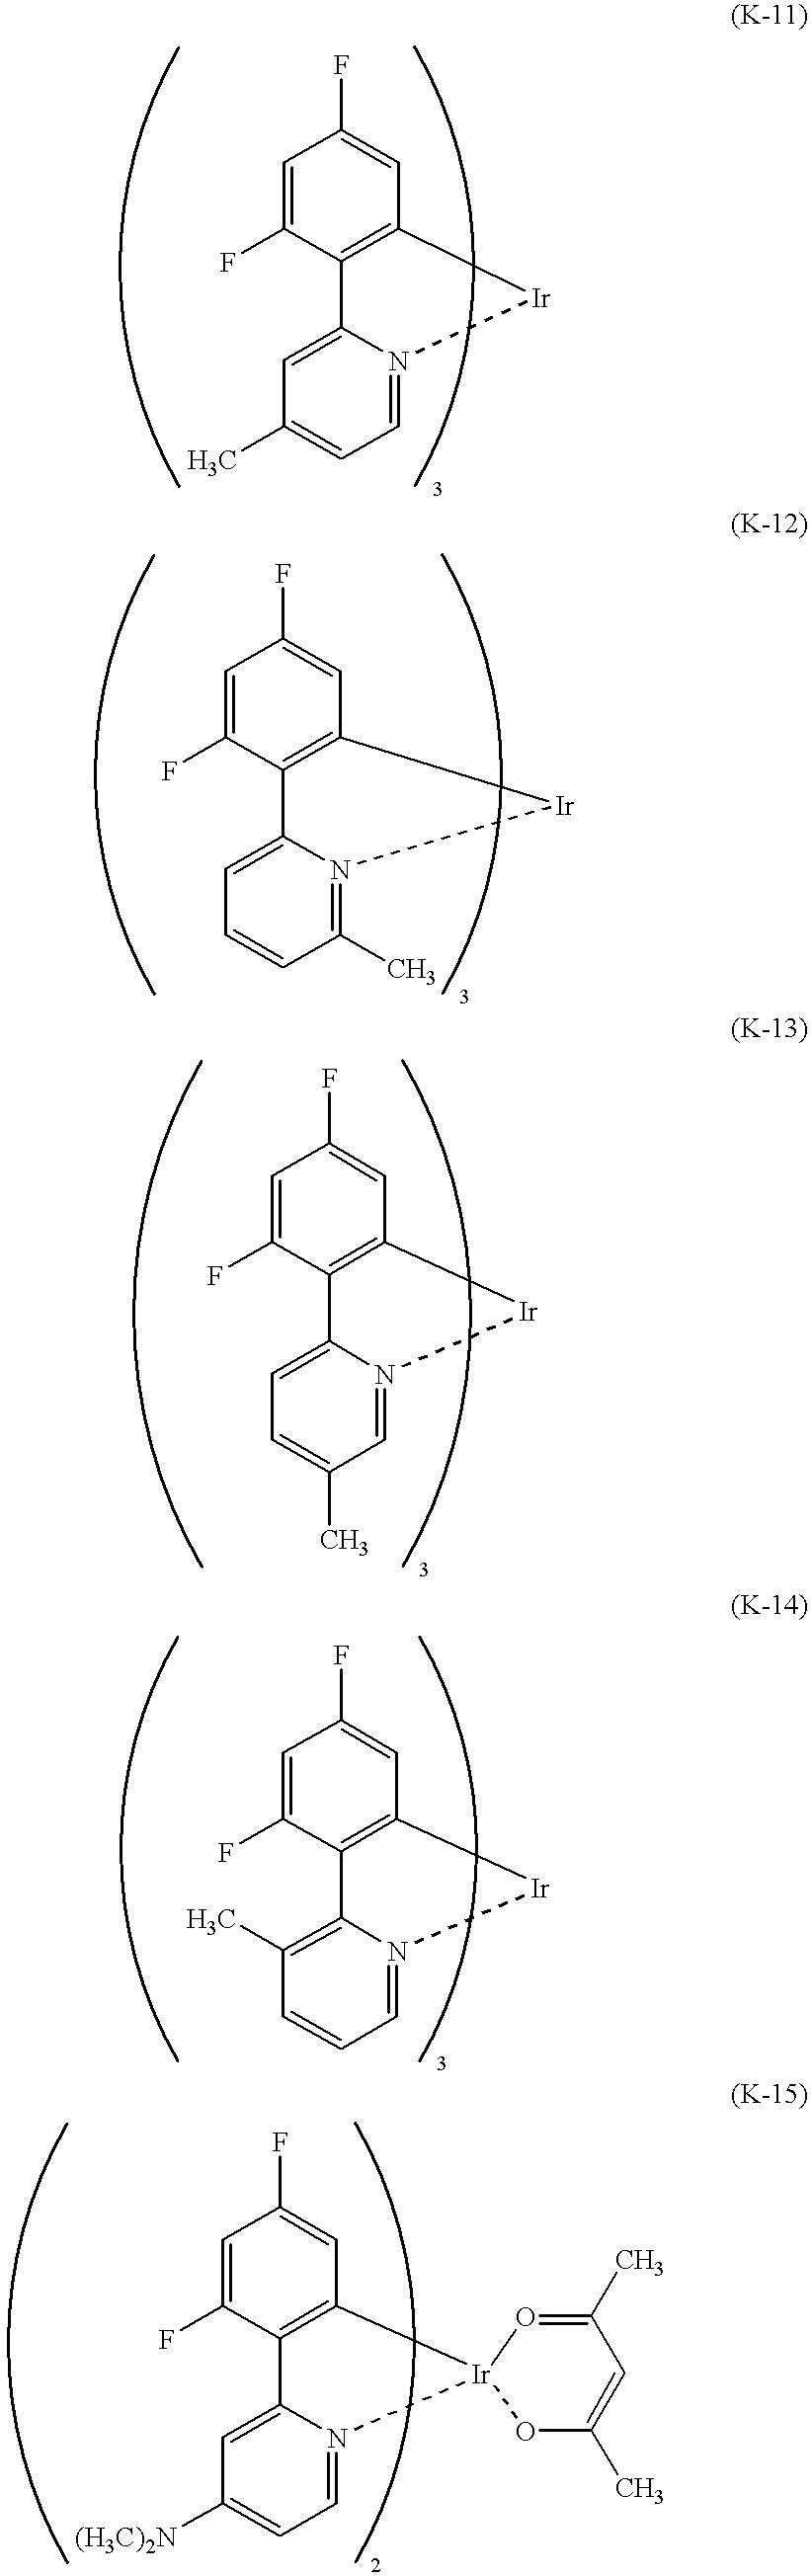 Figure US07306856-20071211-C00010